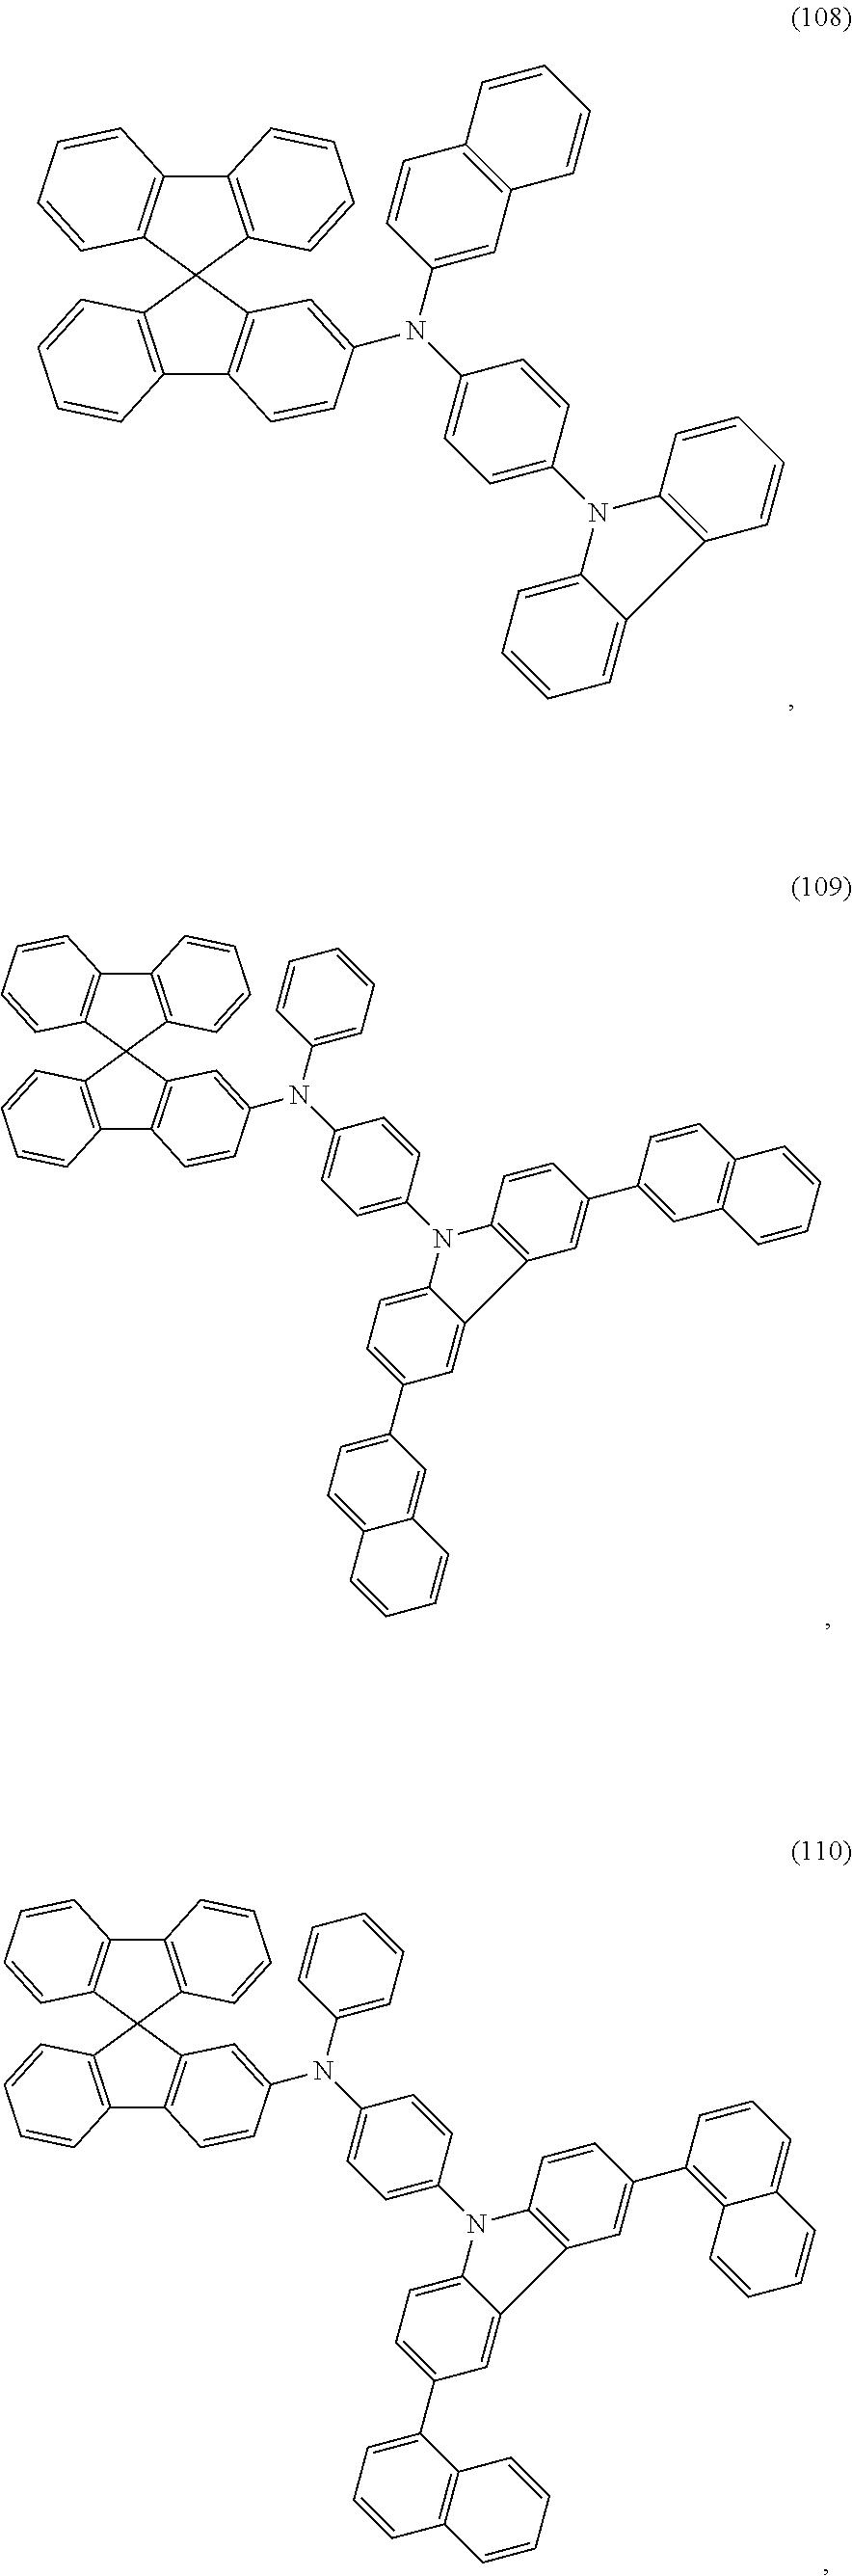 Figure US09548457-20170117-C00074